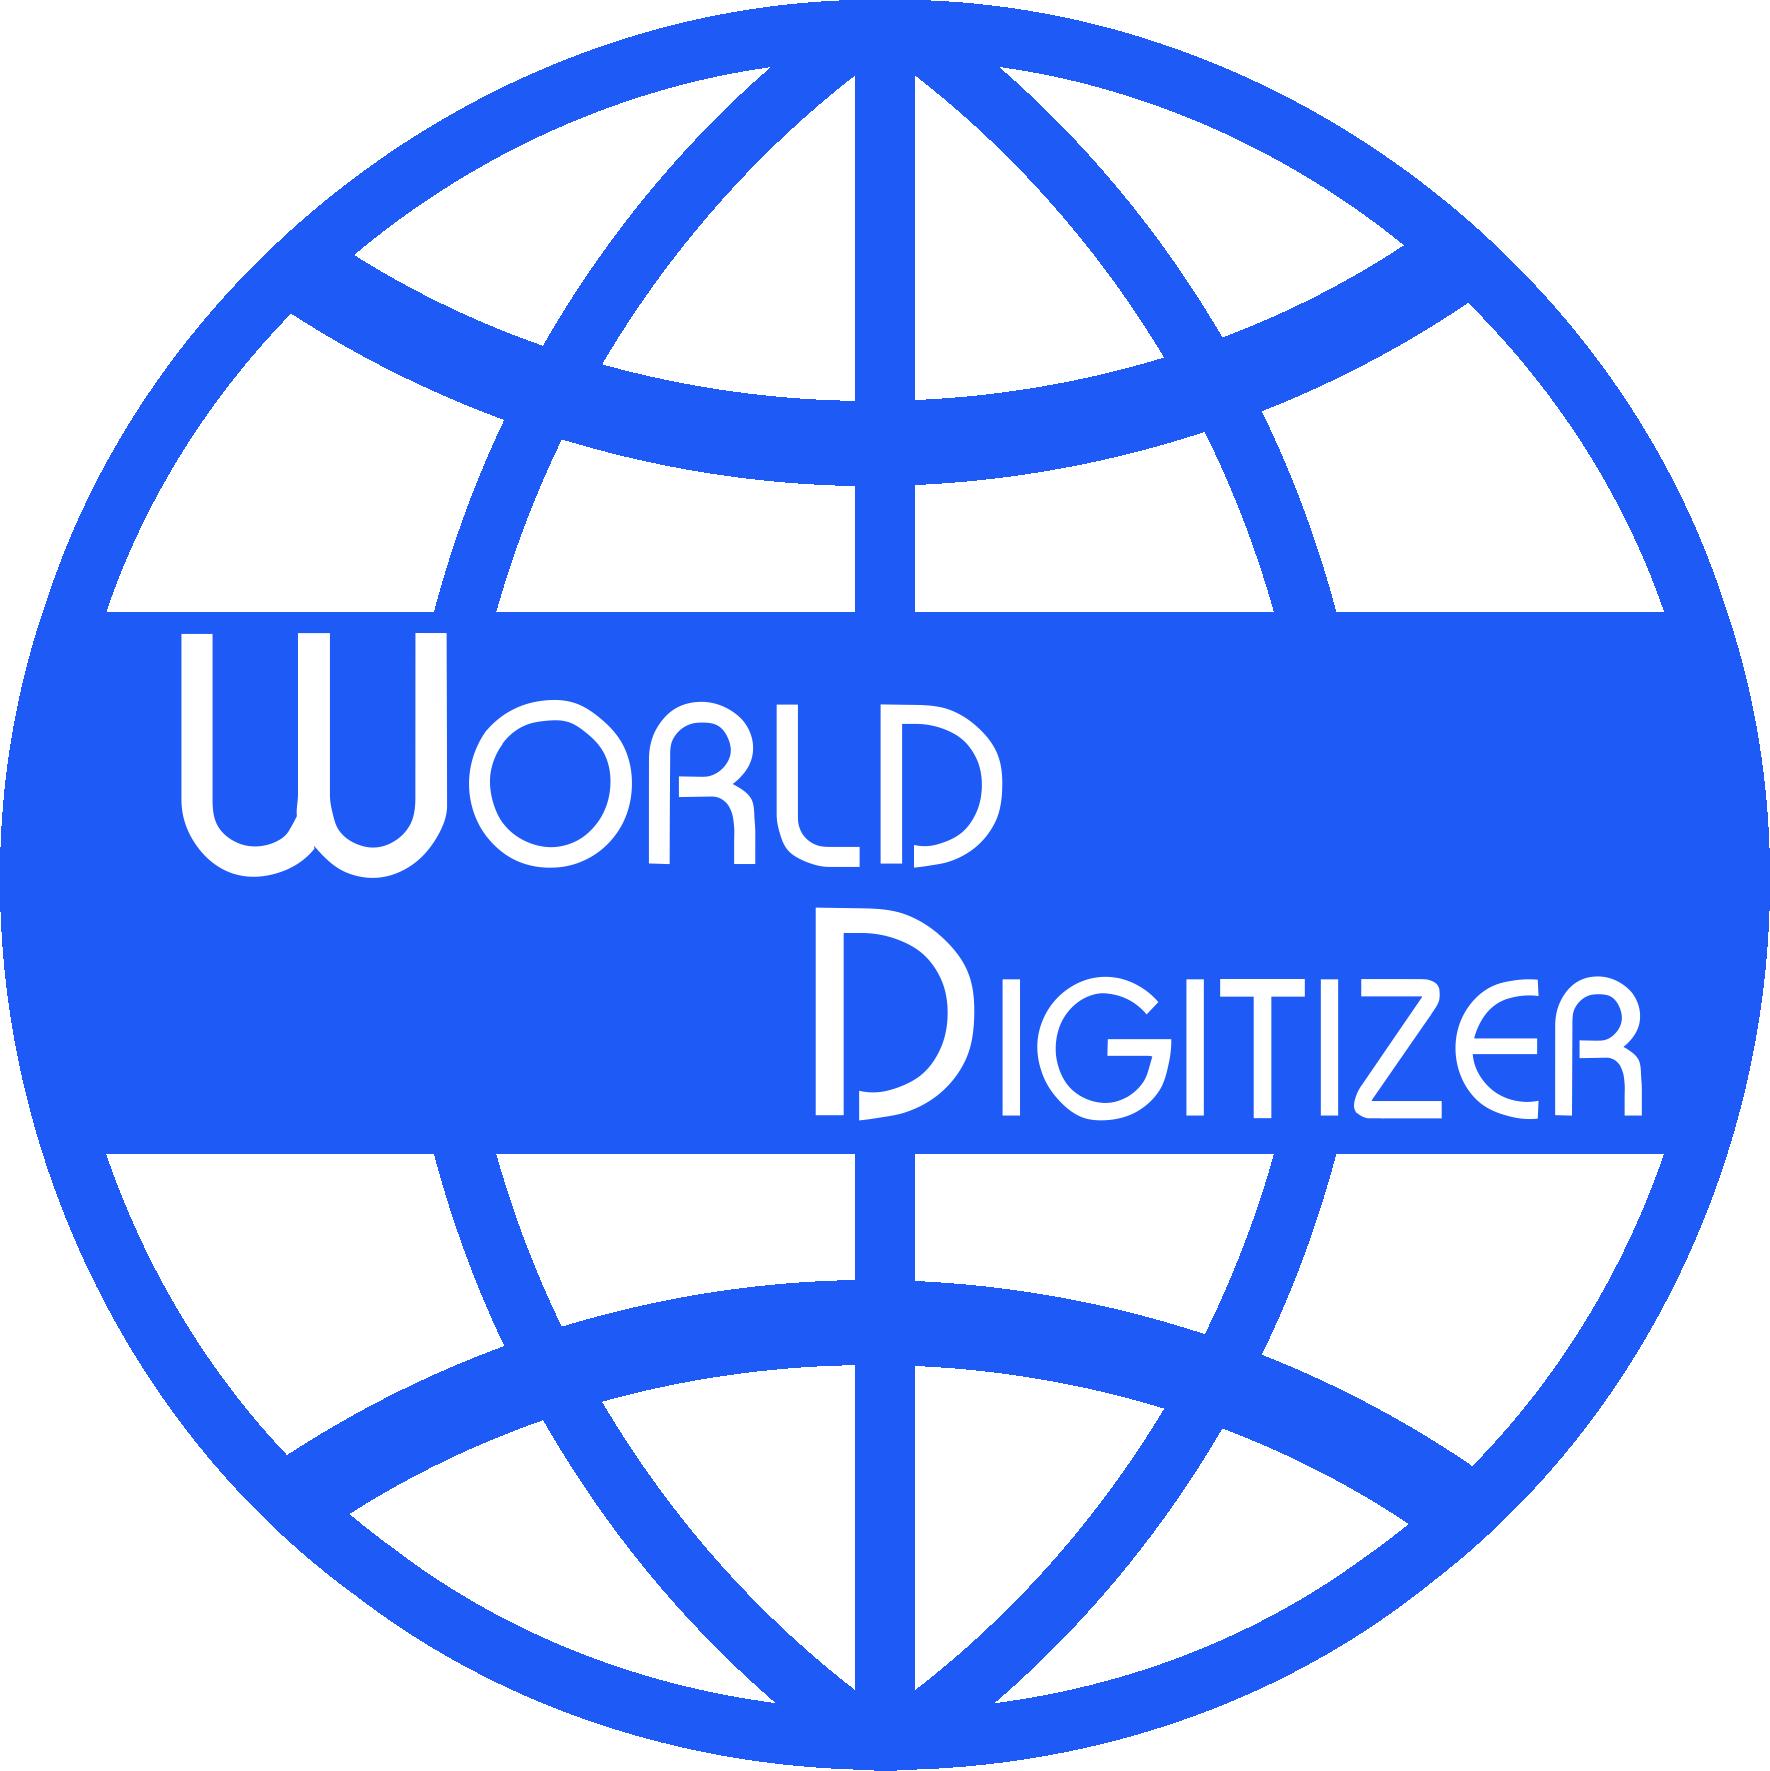 World Digitizer